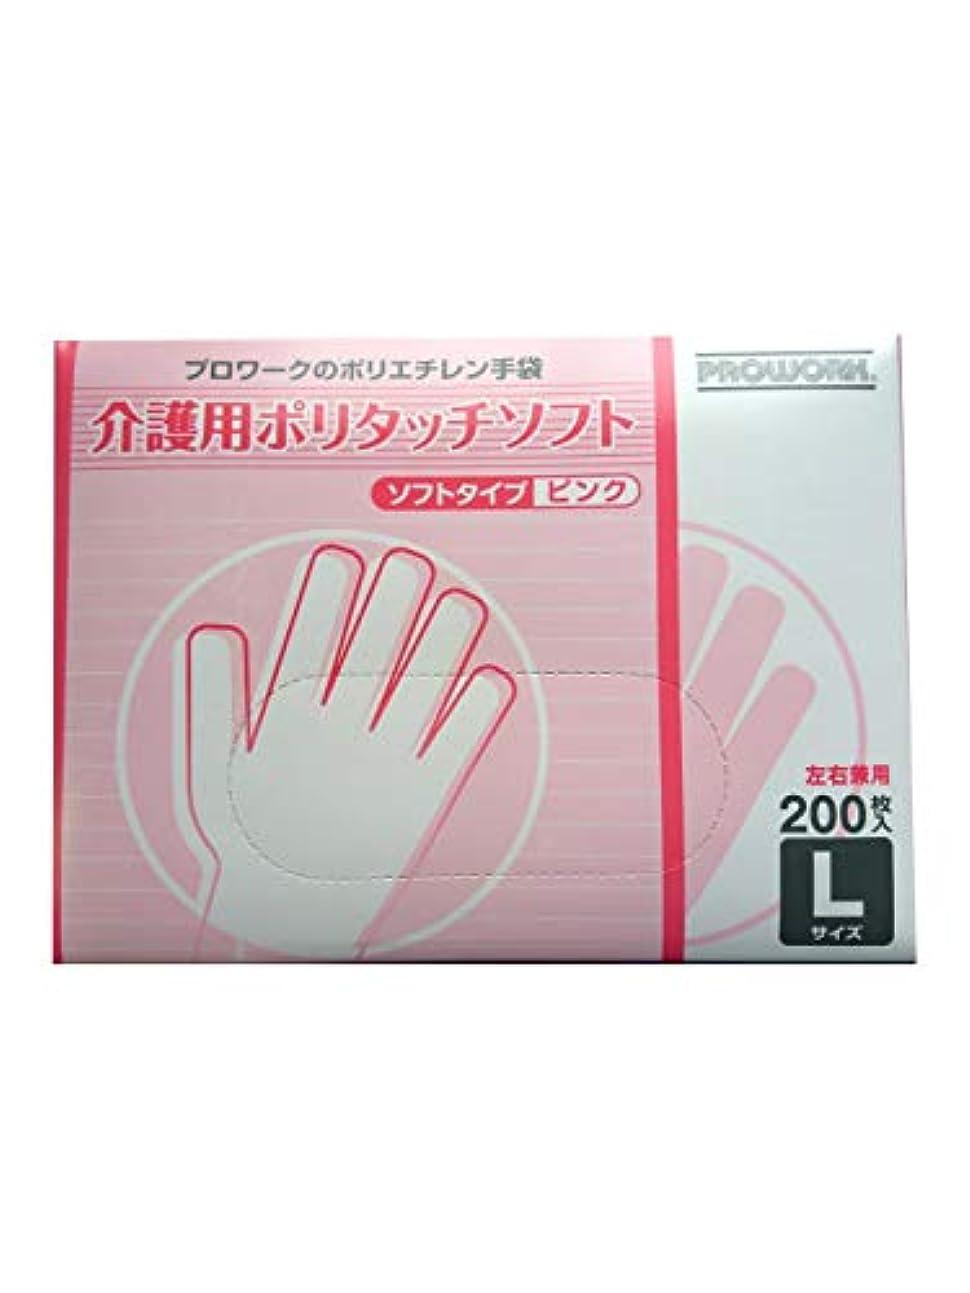 取り消す長椅子傘介護用ポリタッチソフト手袋 ピンク Lサイズ 左右兼用200枚入